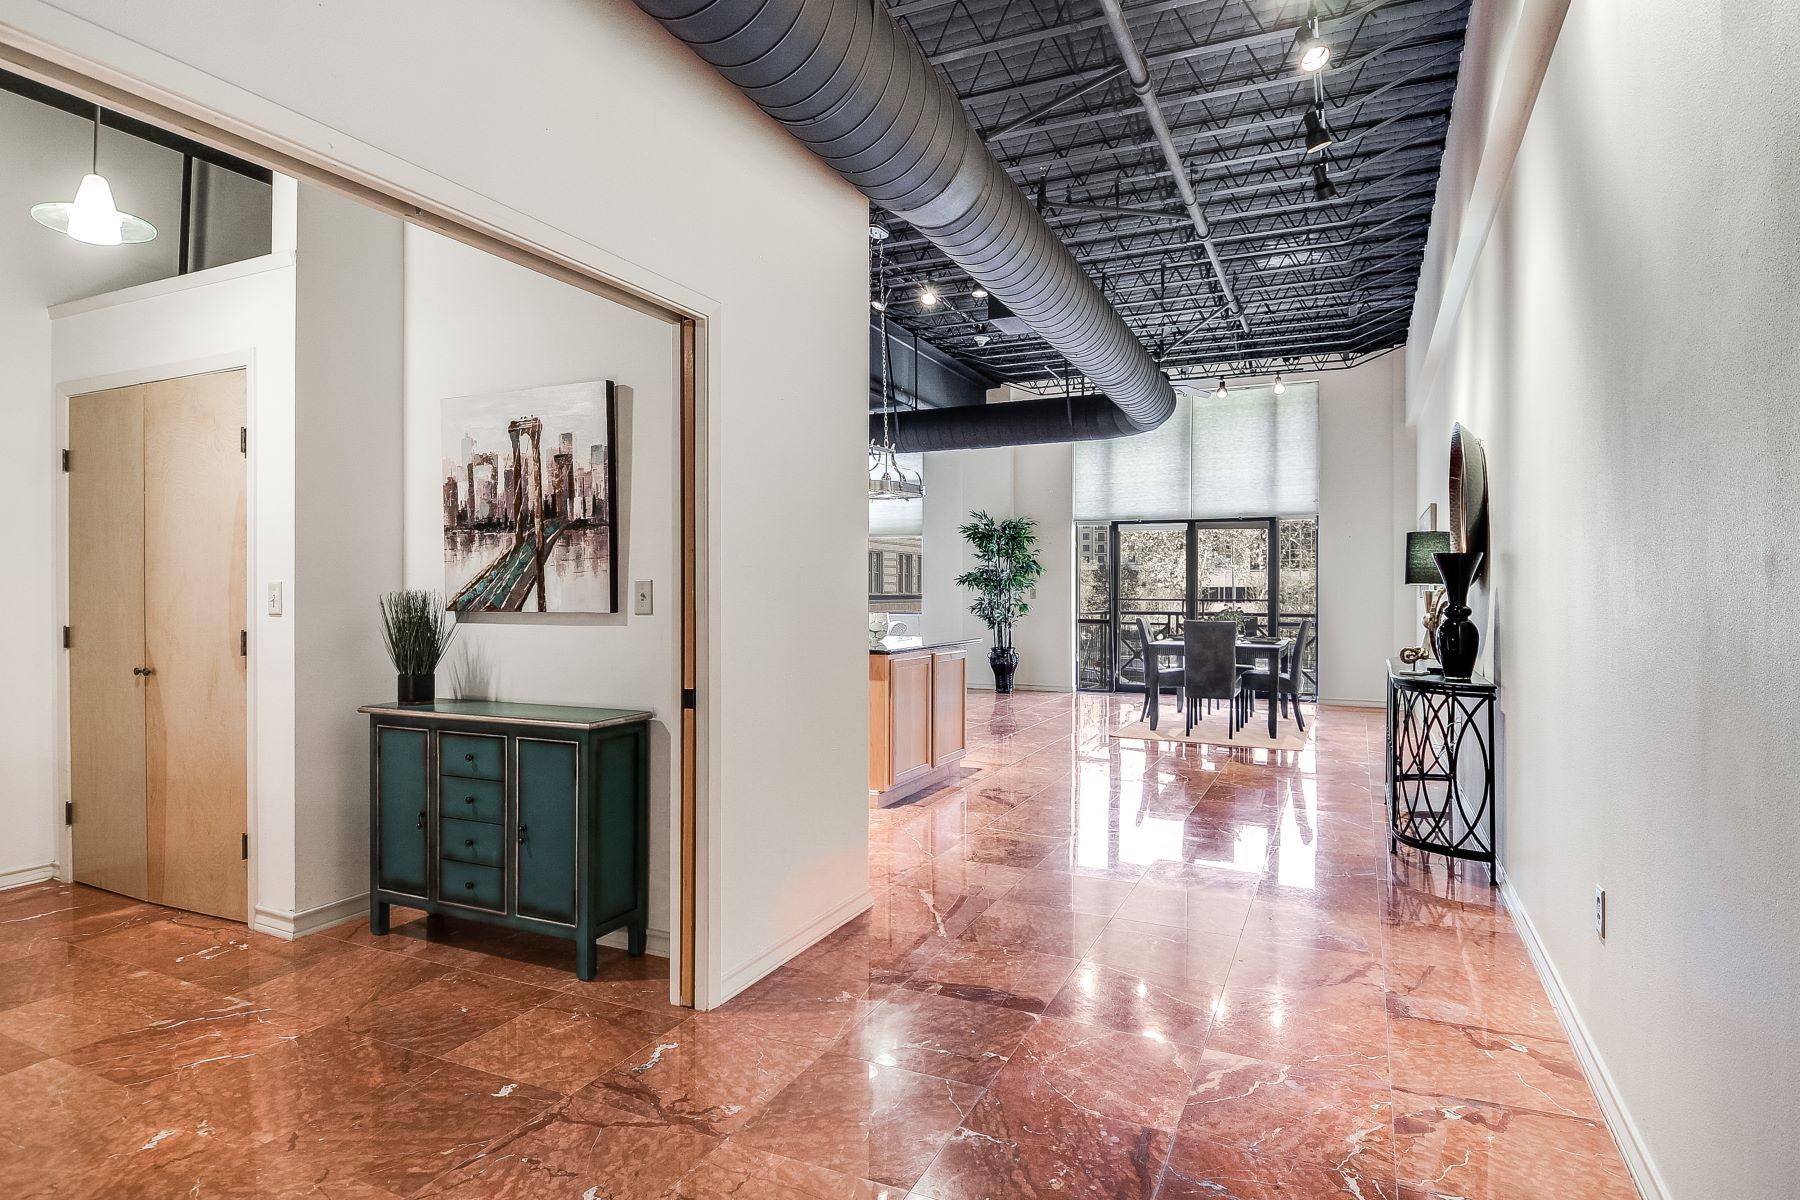 共管式独立产权公寓 为 销售 在 Fantastic Views in the Heart of Downtown 214 East Travis Street Unit 204, 圣安东尼奥, 得克萨斯州, 78205 美国